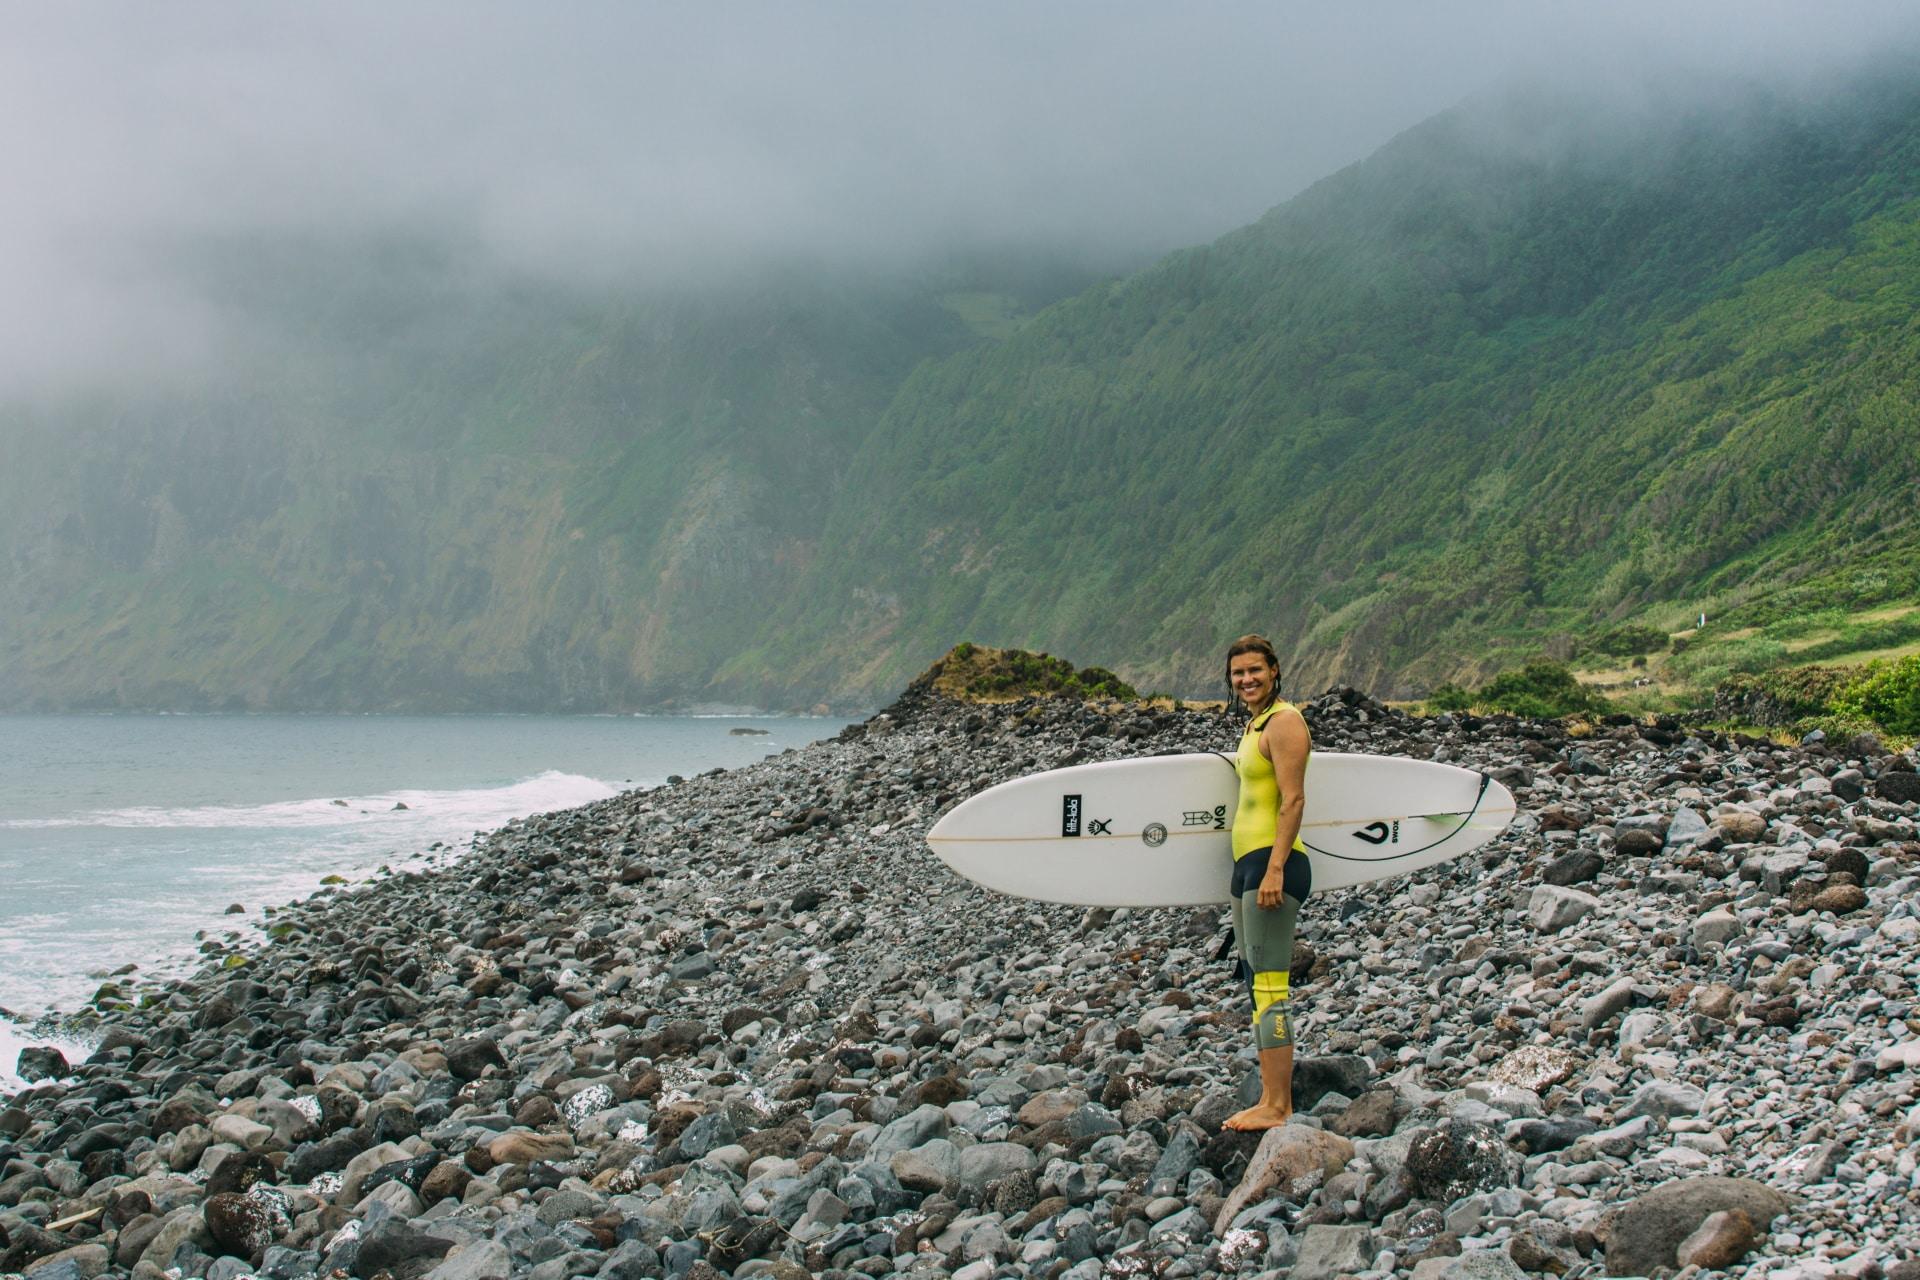 Lena Stoffel beim Surfen